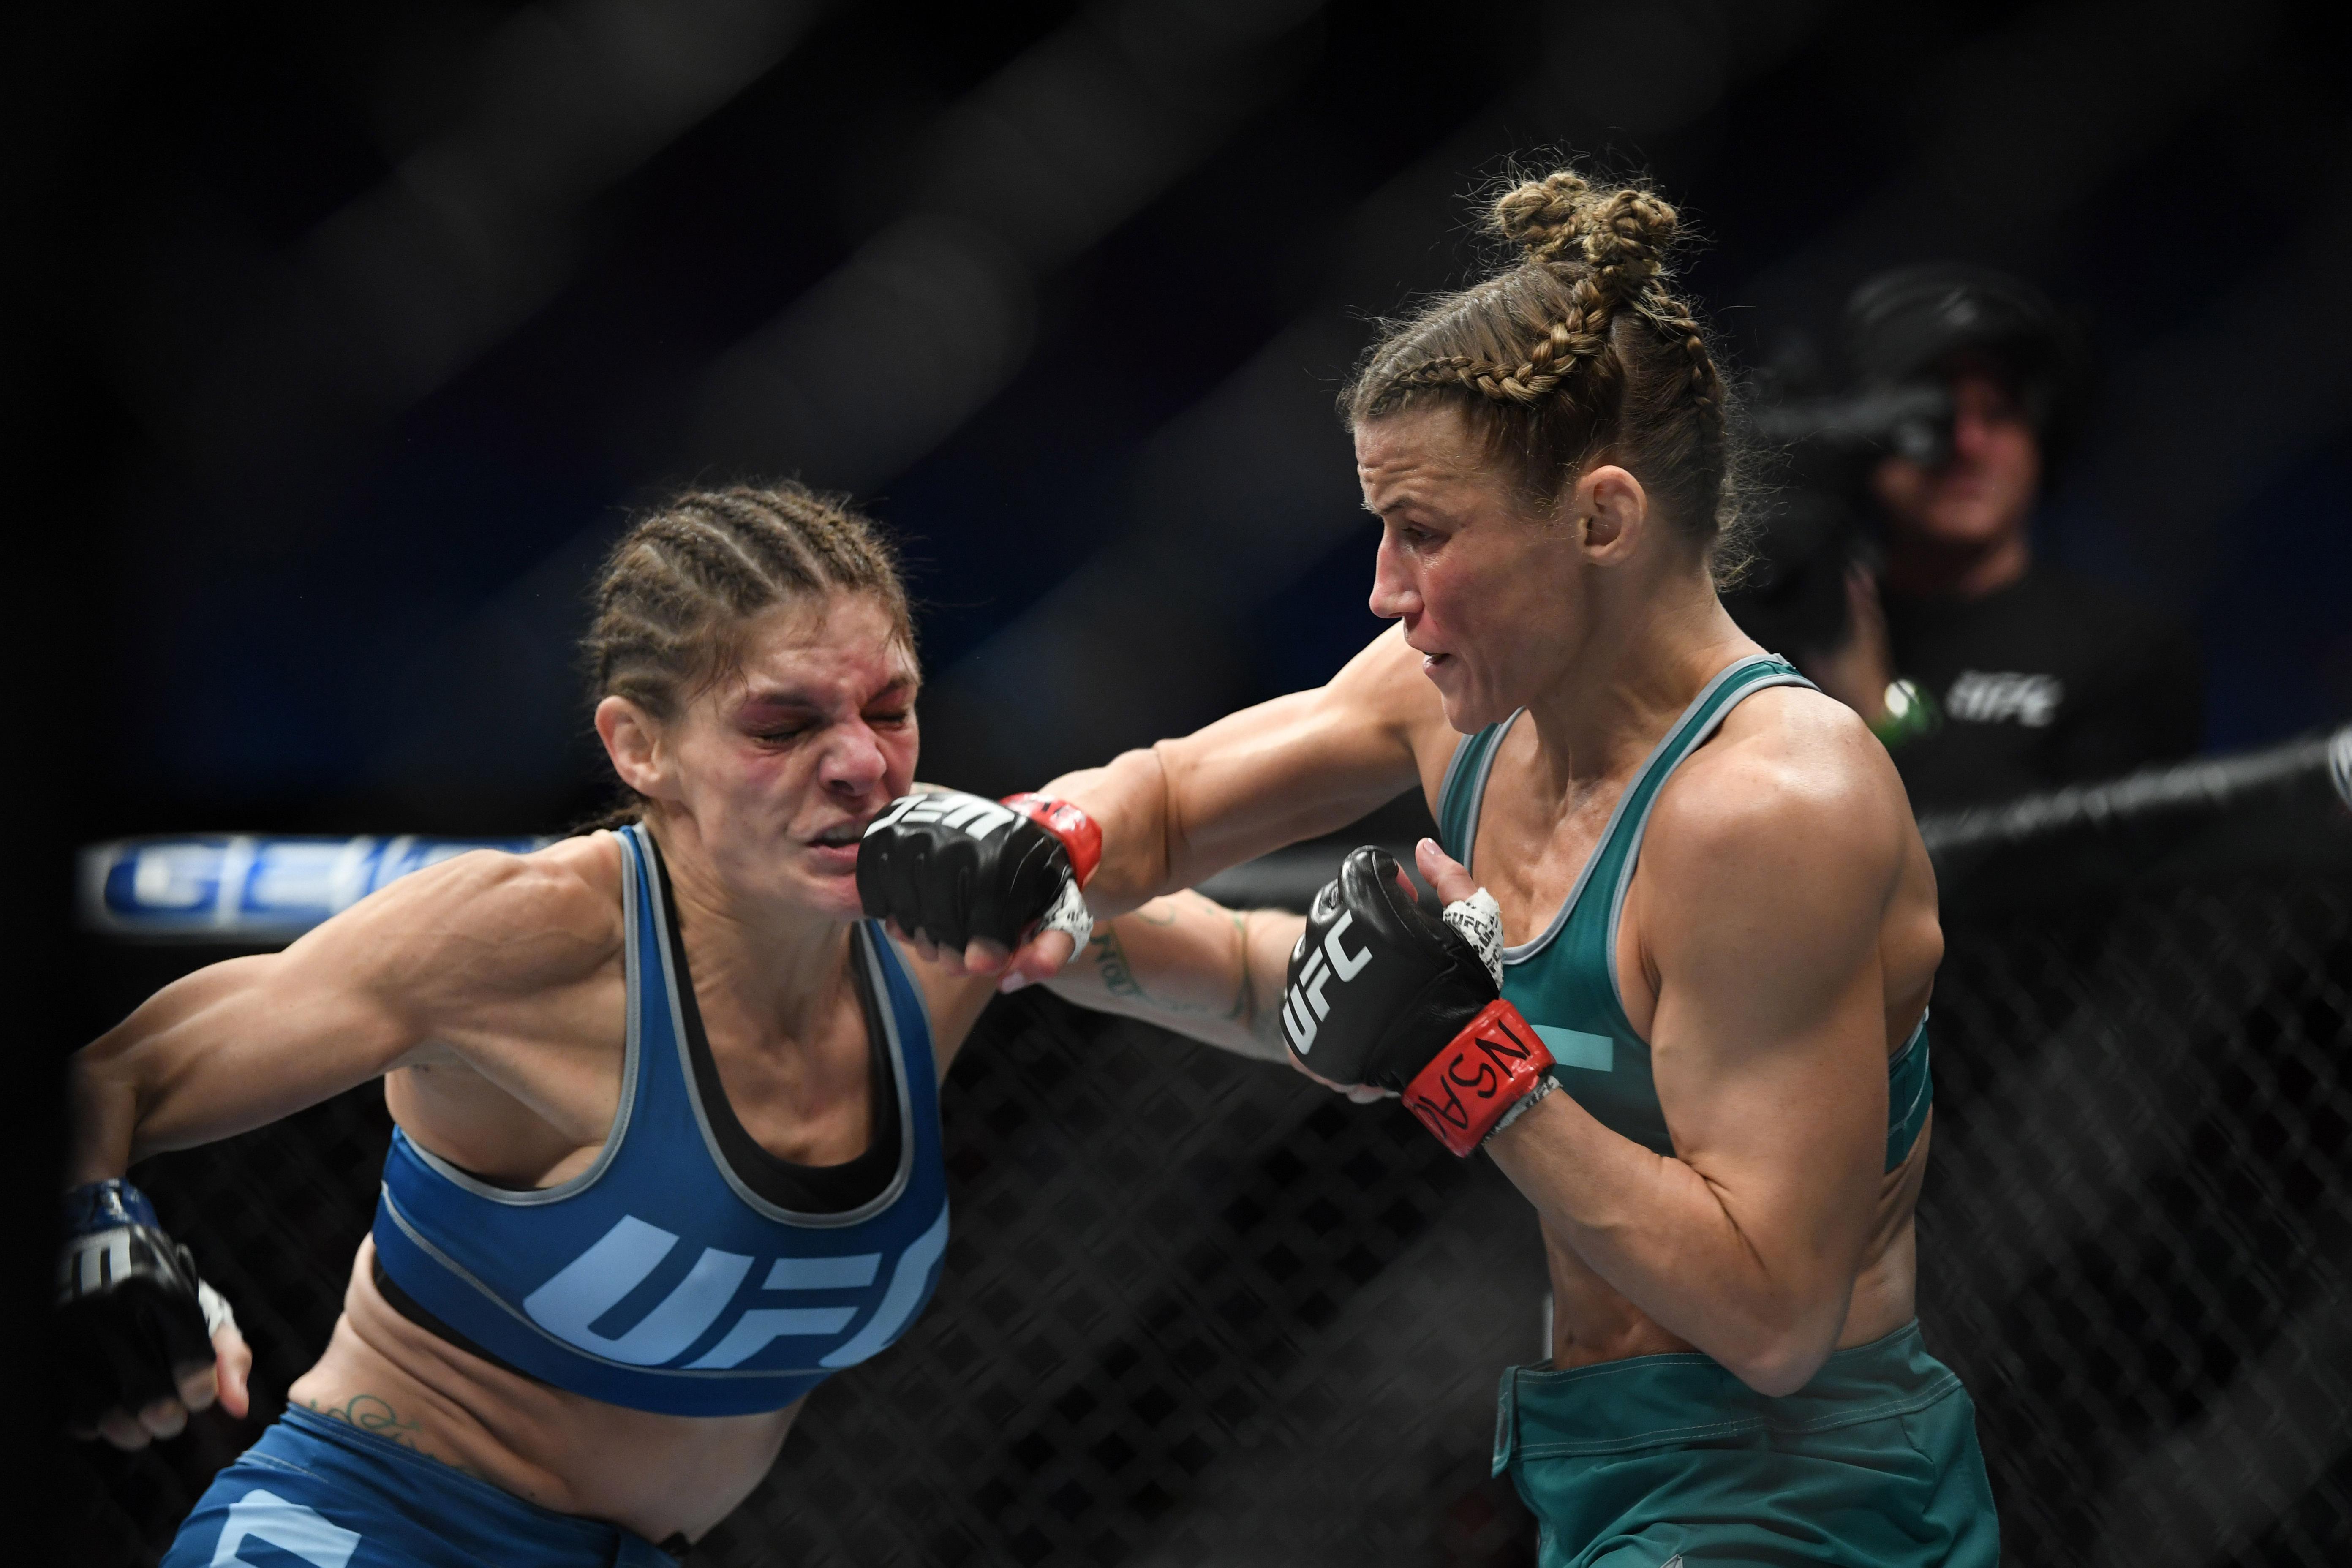 MMA: TUF 26 Finale Honchak vs Murphy